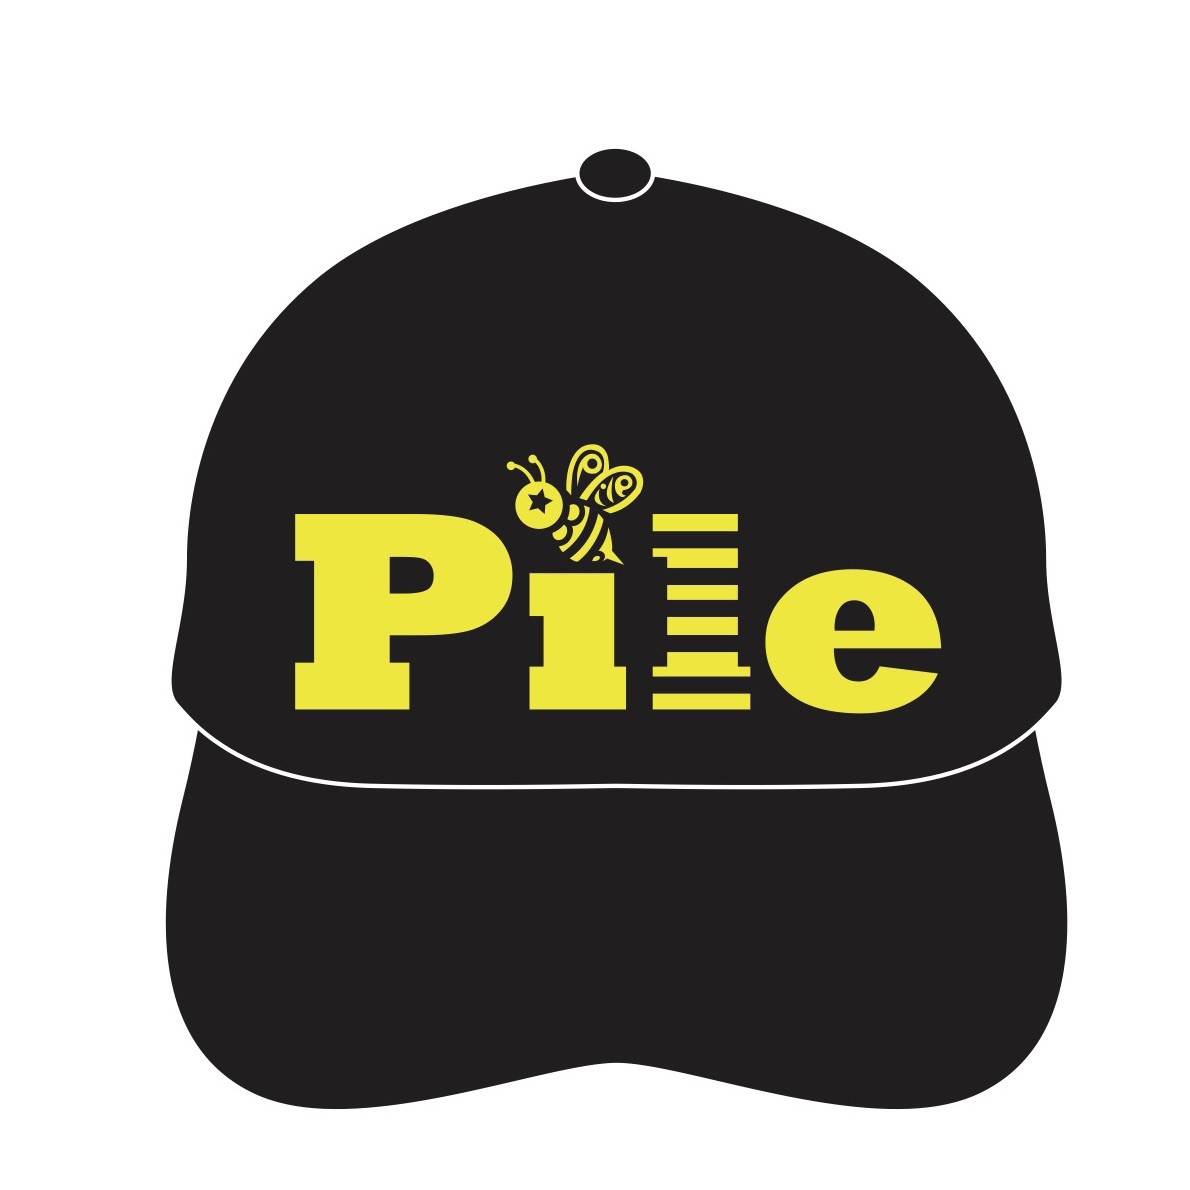 Content_pile_new%e3%83%86%e3%82%99%e3%82%b5%e3%82%99%e3%82%a4%e3%83%b3_%e3%83%a1%e3%83%83%e3%82%b7%e3%83%a5%e3%82%ad%e3%83%a3%e3%83%83%e3%83%95%e3%82%9a_yellow_